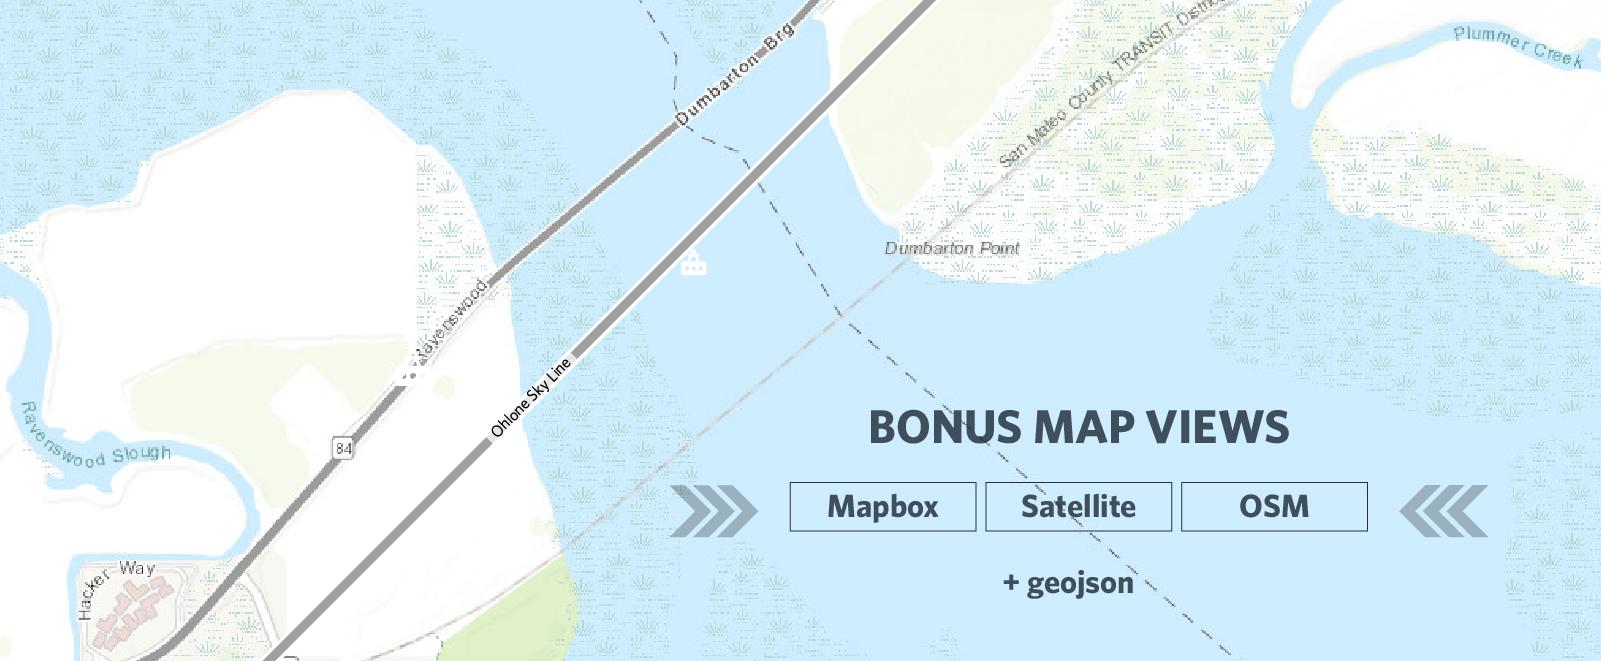 Bonus Map Views